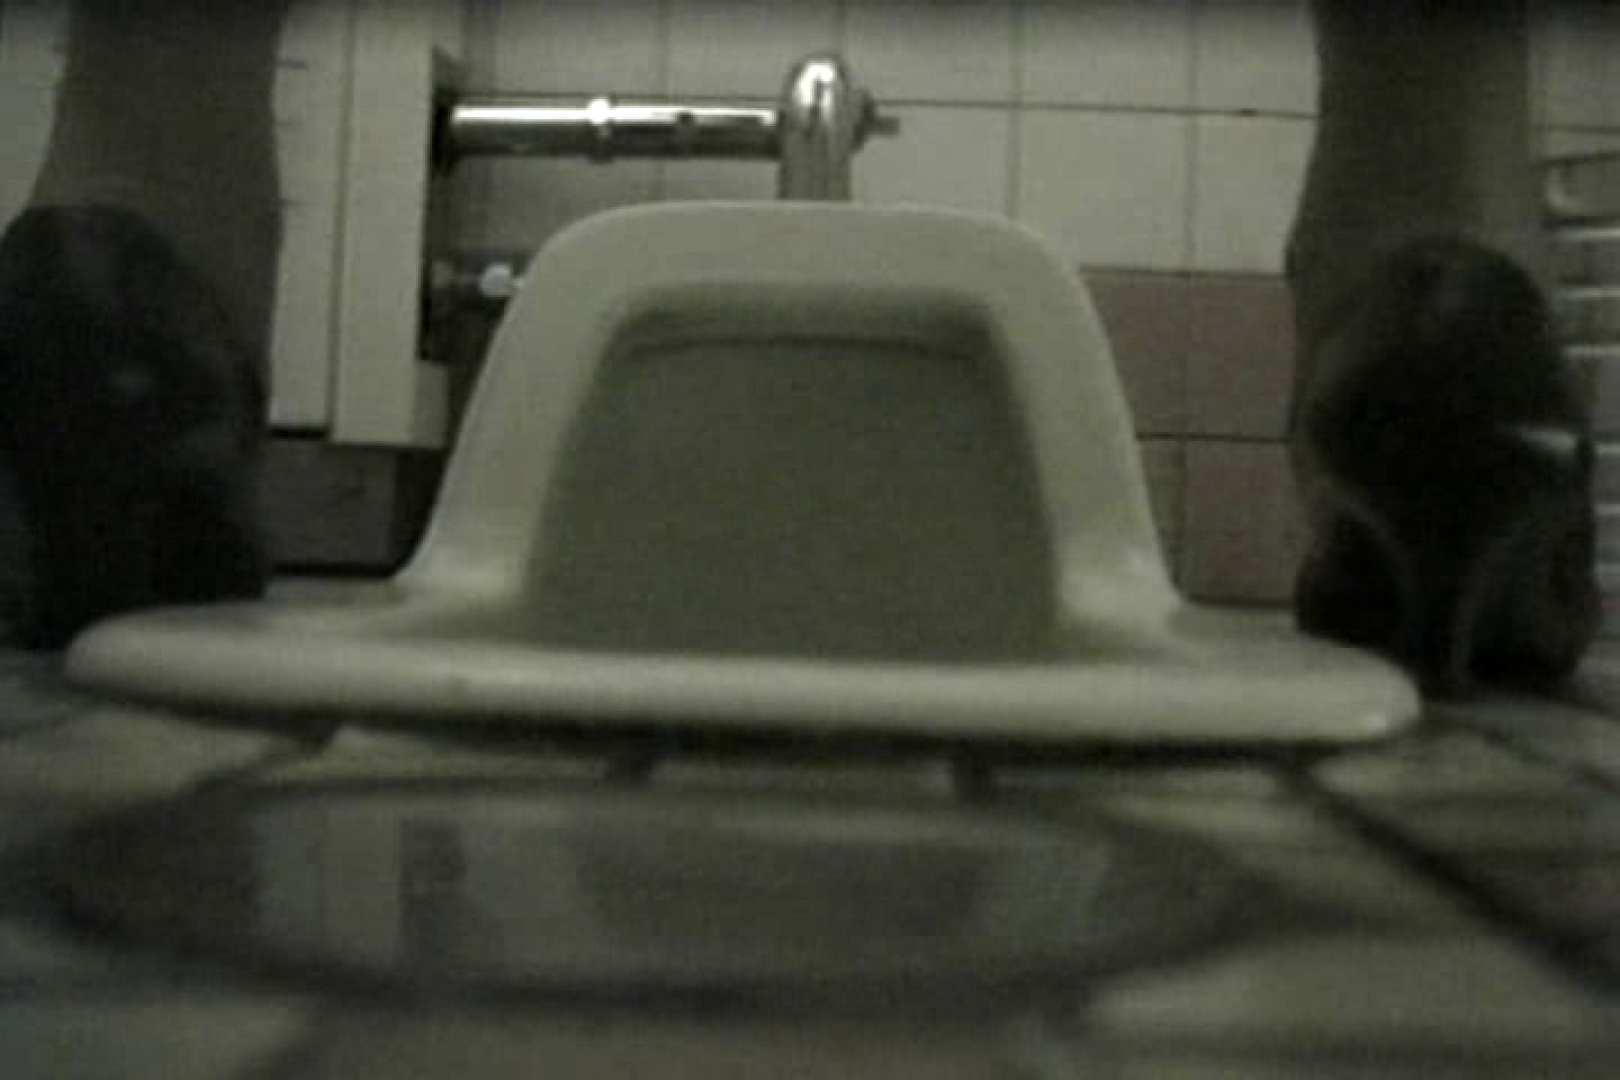 ボディコントイレで出す 投稿盗撮 TK-33 盗撮  110PIX 28